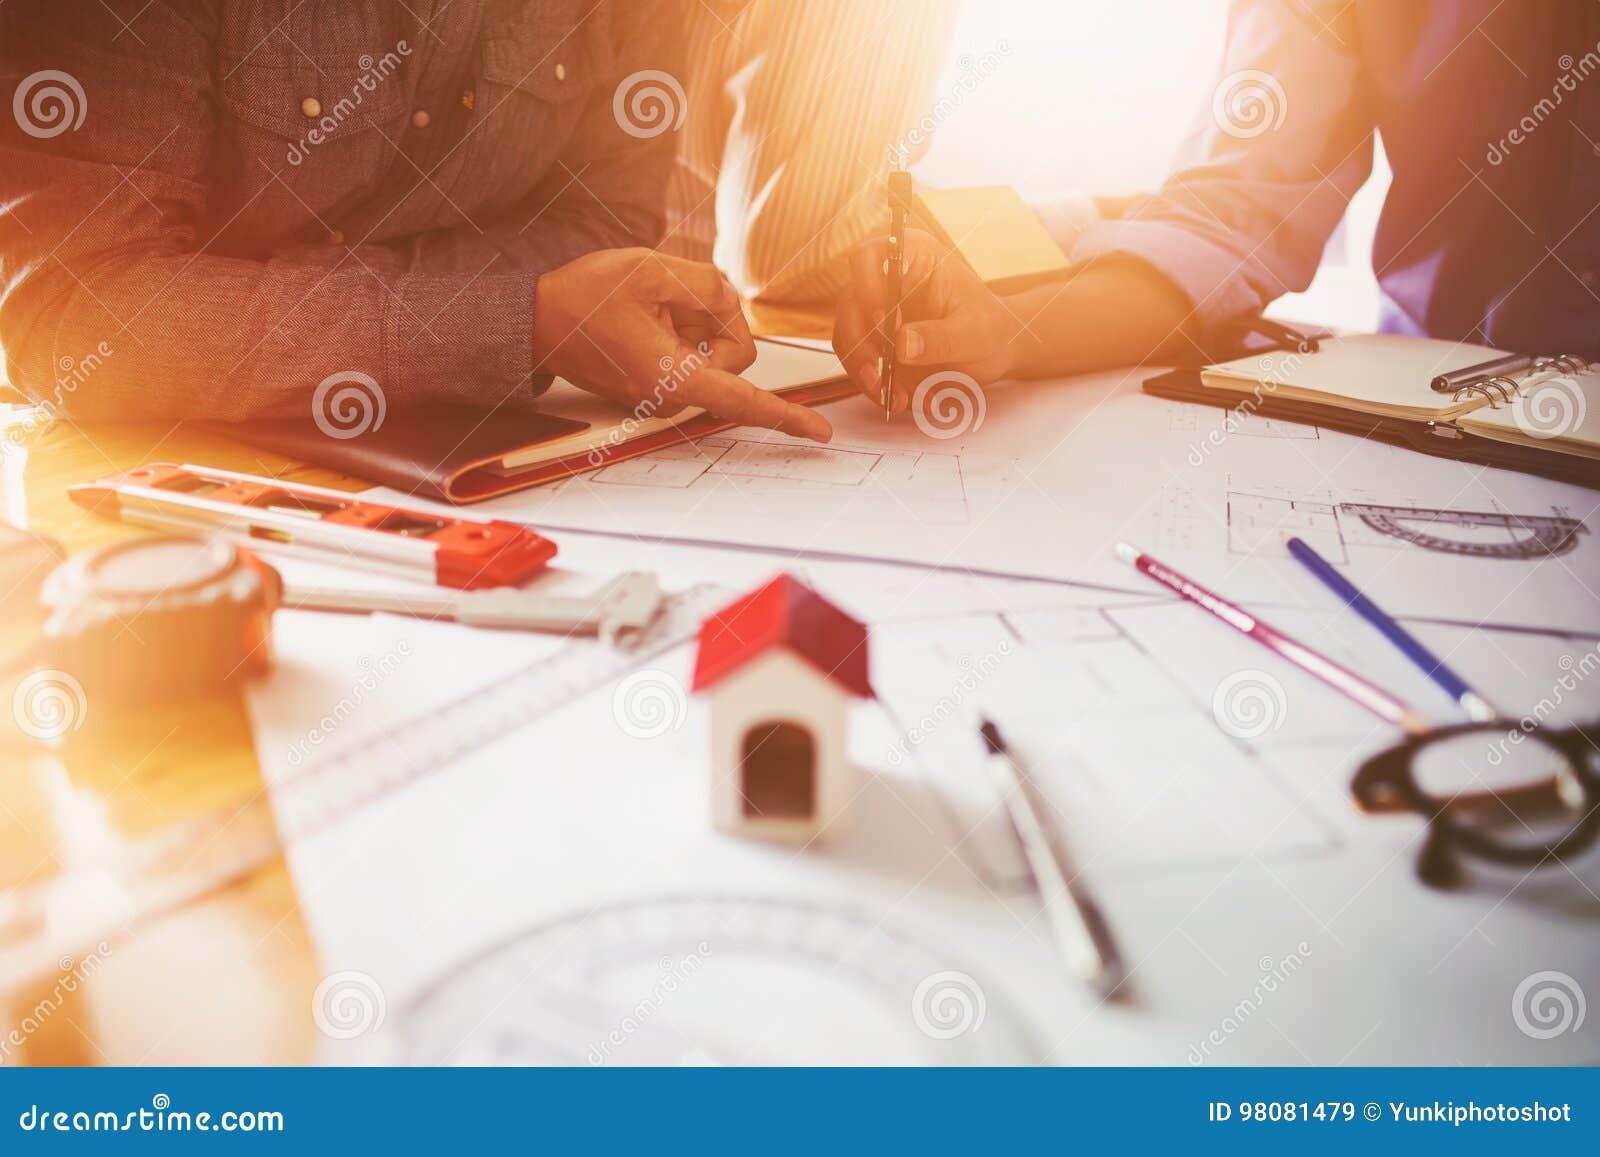 Consultation entre les collègues, machinant l équipe pour vérifier le modèle